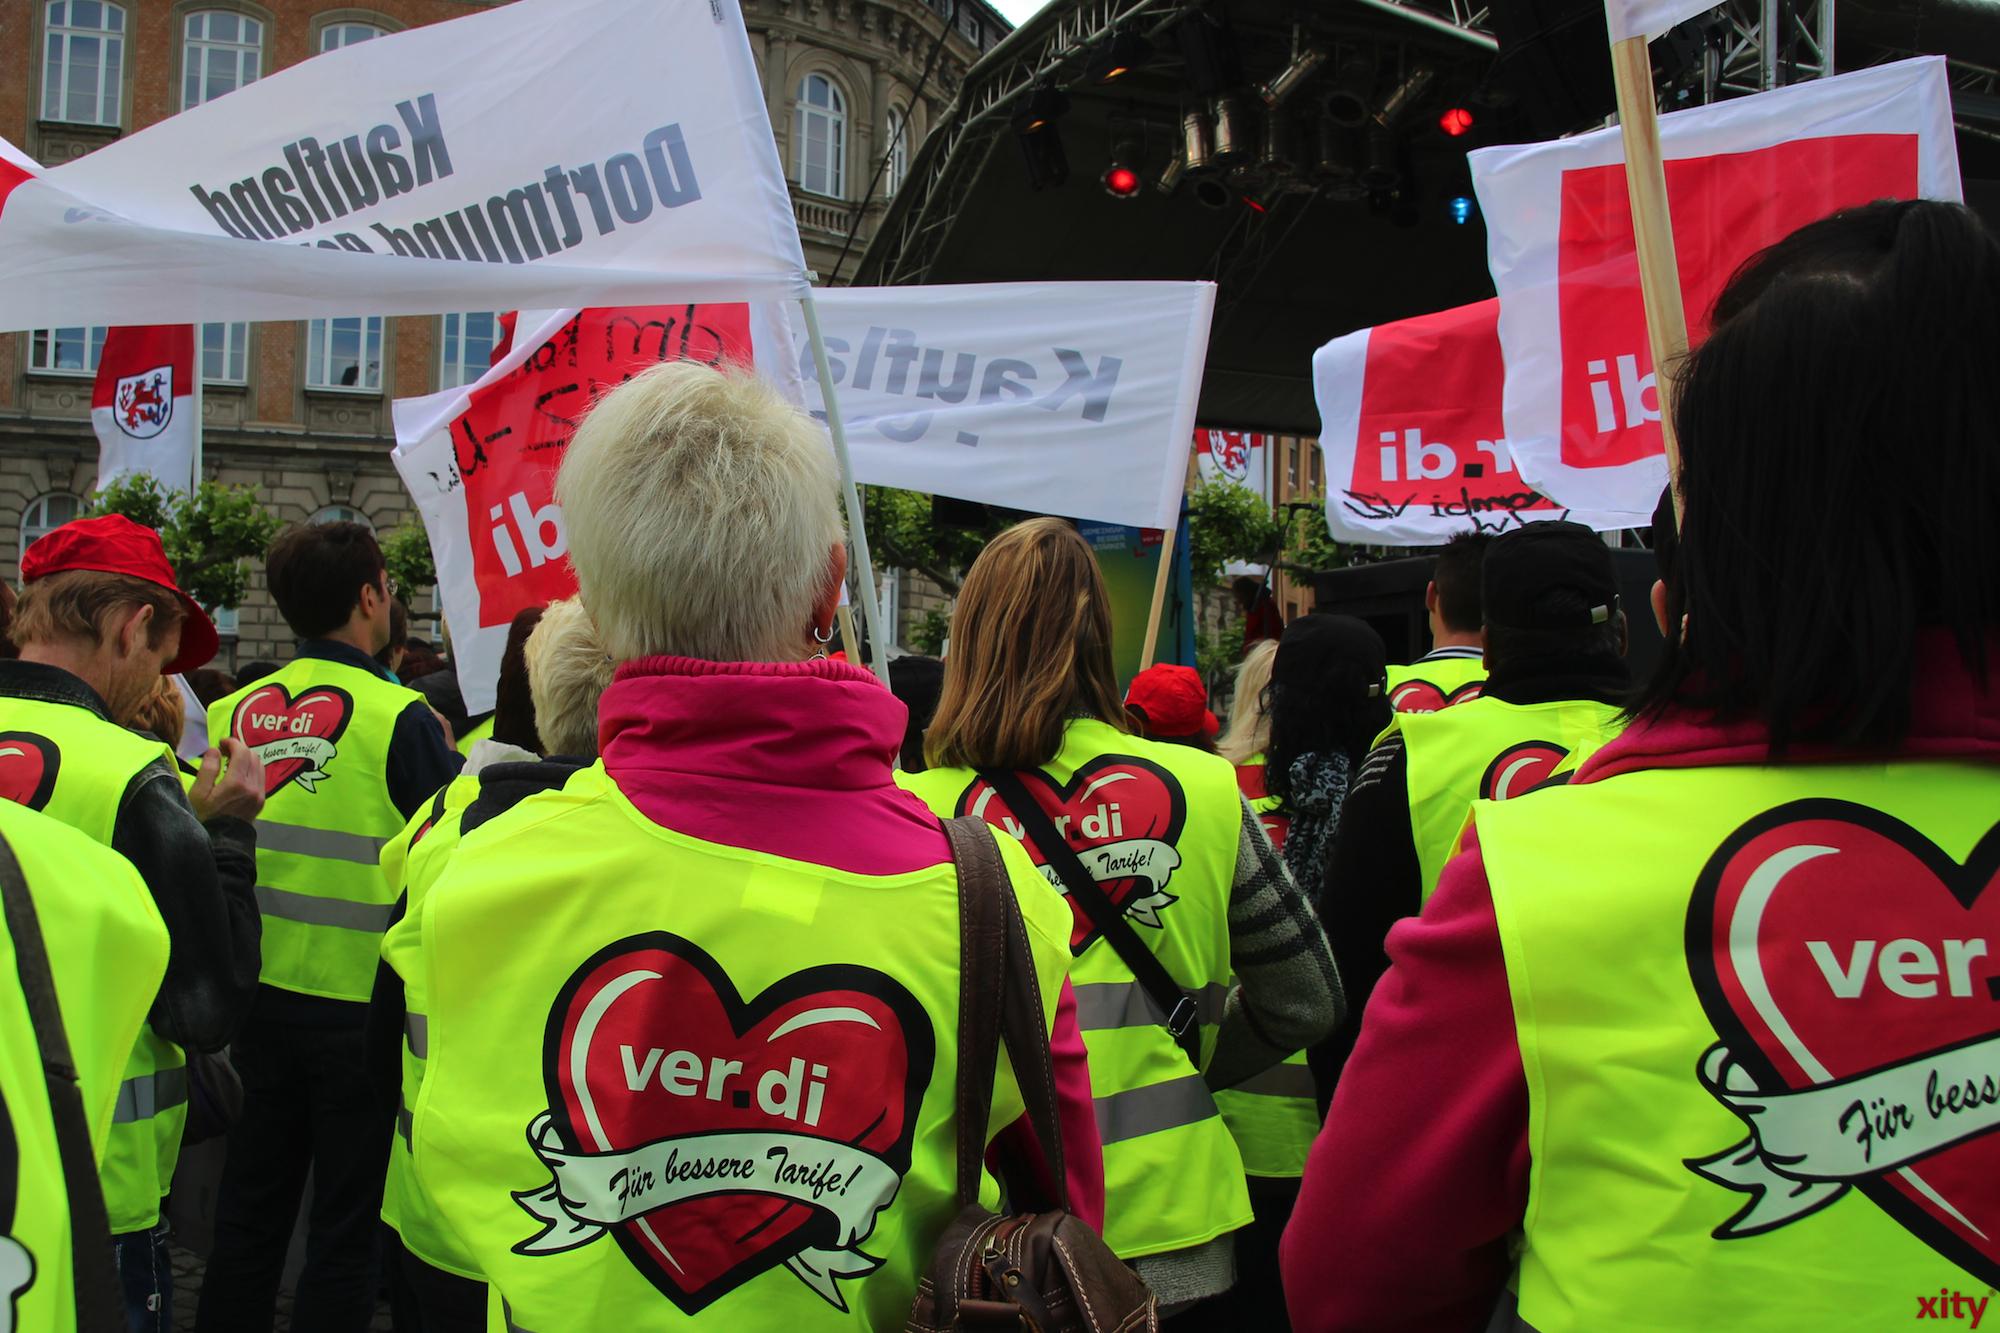 Mit Plakaten und Fahnen verliegen die Streikenden ihrer Meinung Ausdruck(Foto: xity)